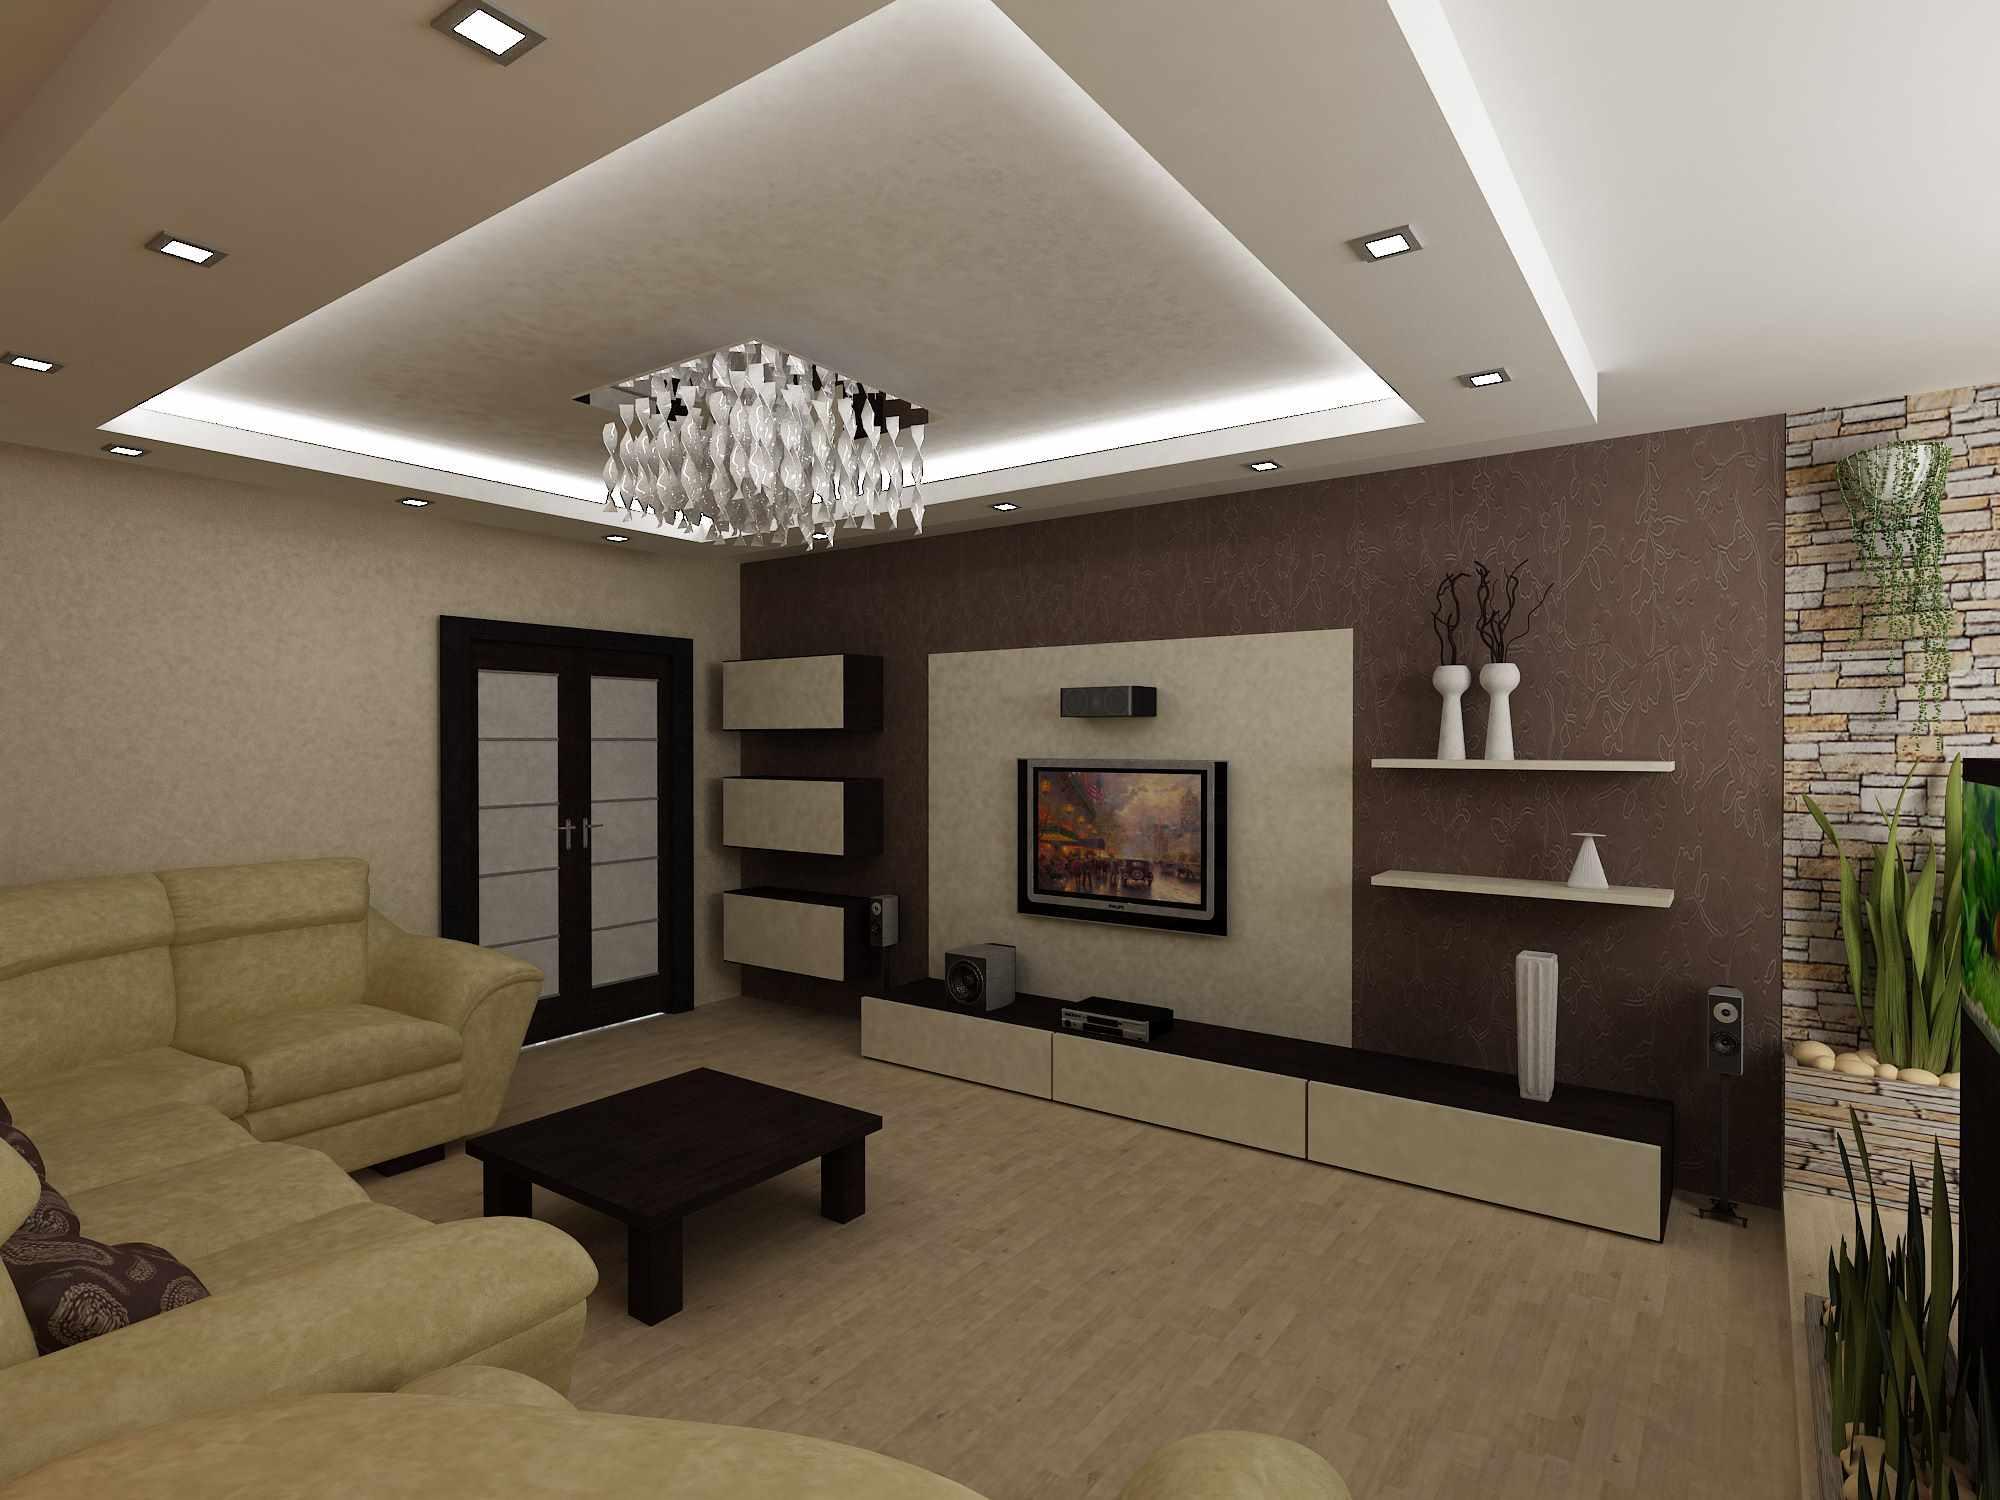 l'idée d'un beau salon intérieur de 25 m²